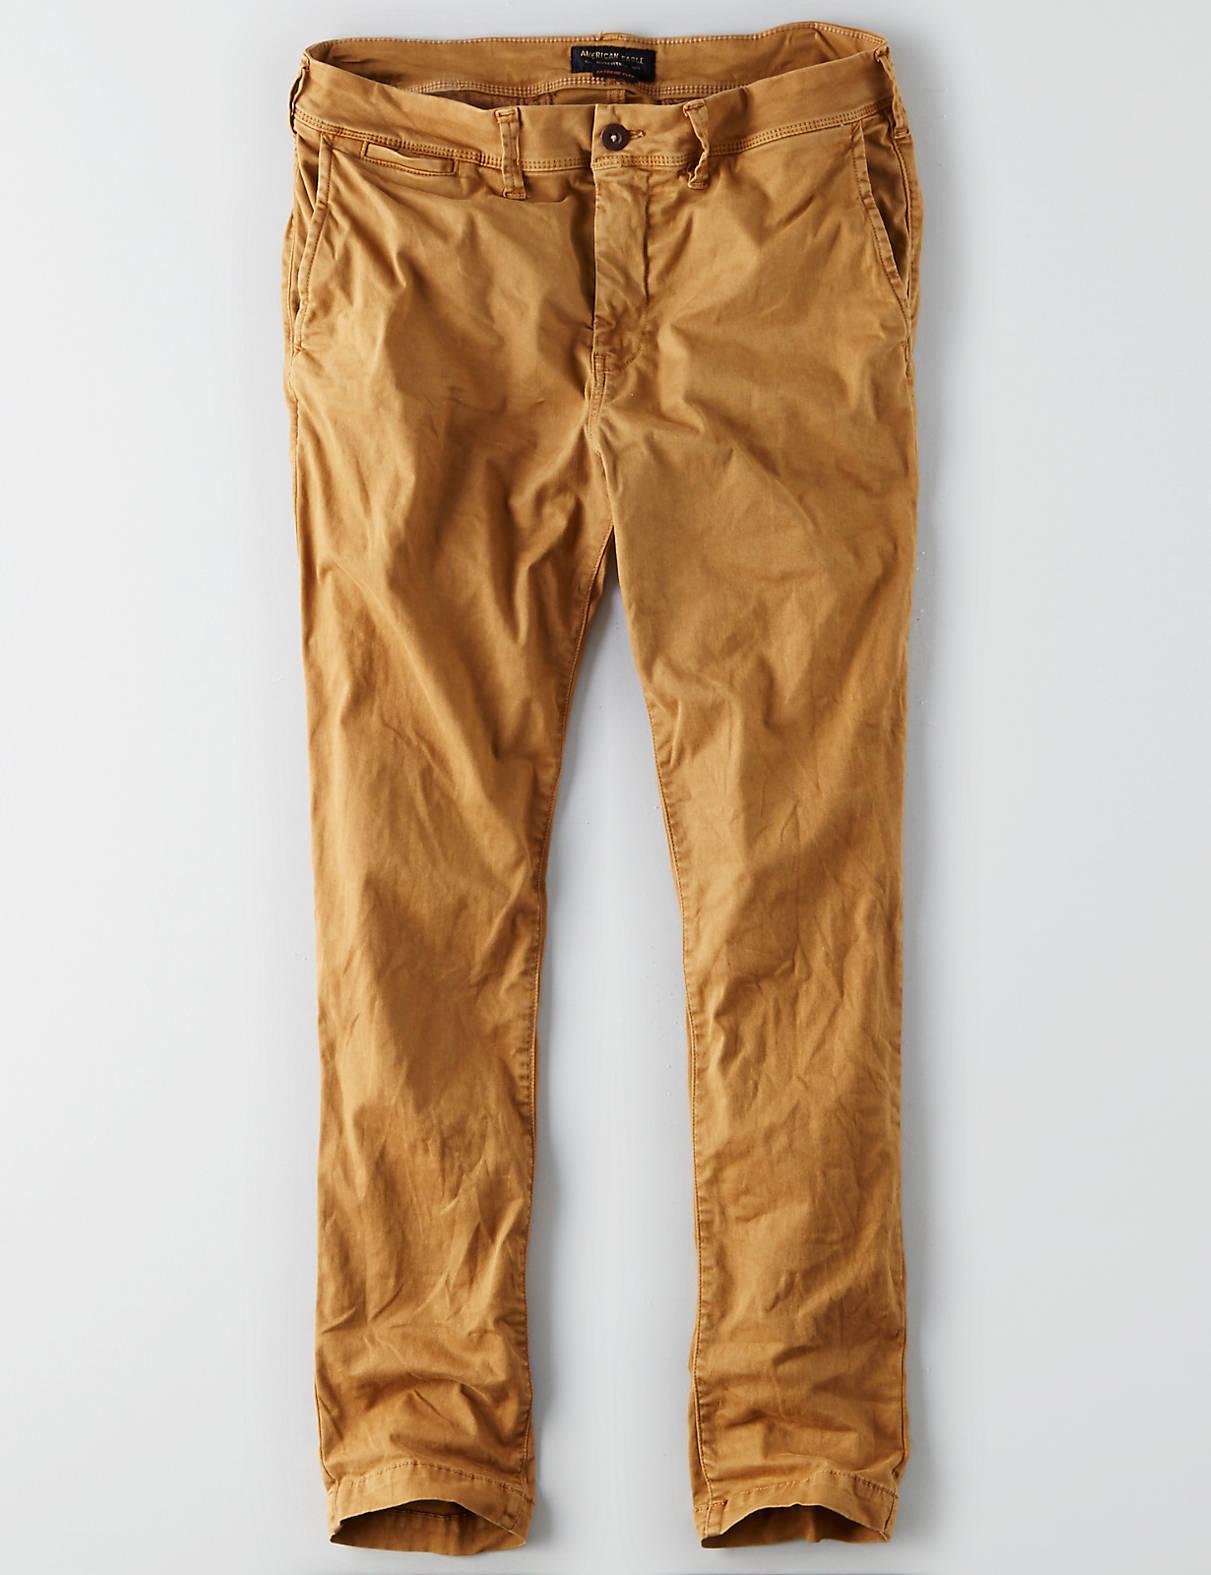 Khaki pants display product reviews for ae extreme flex skinny chino jocavpk